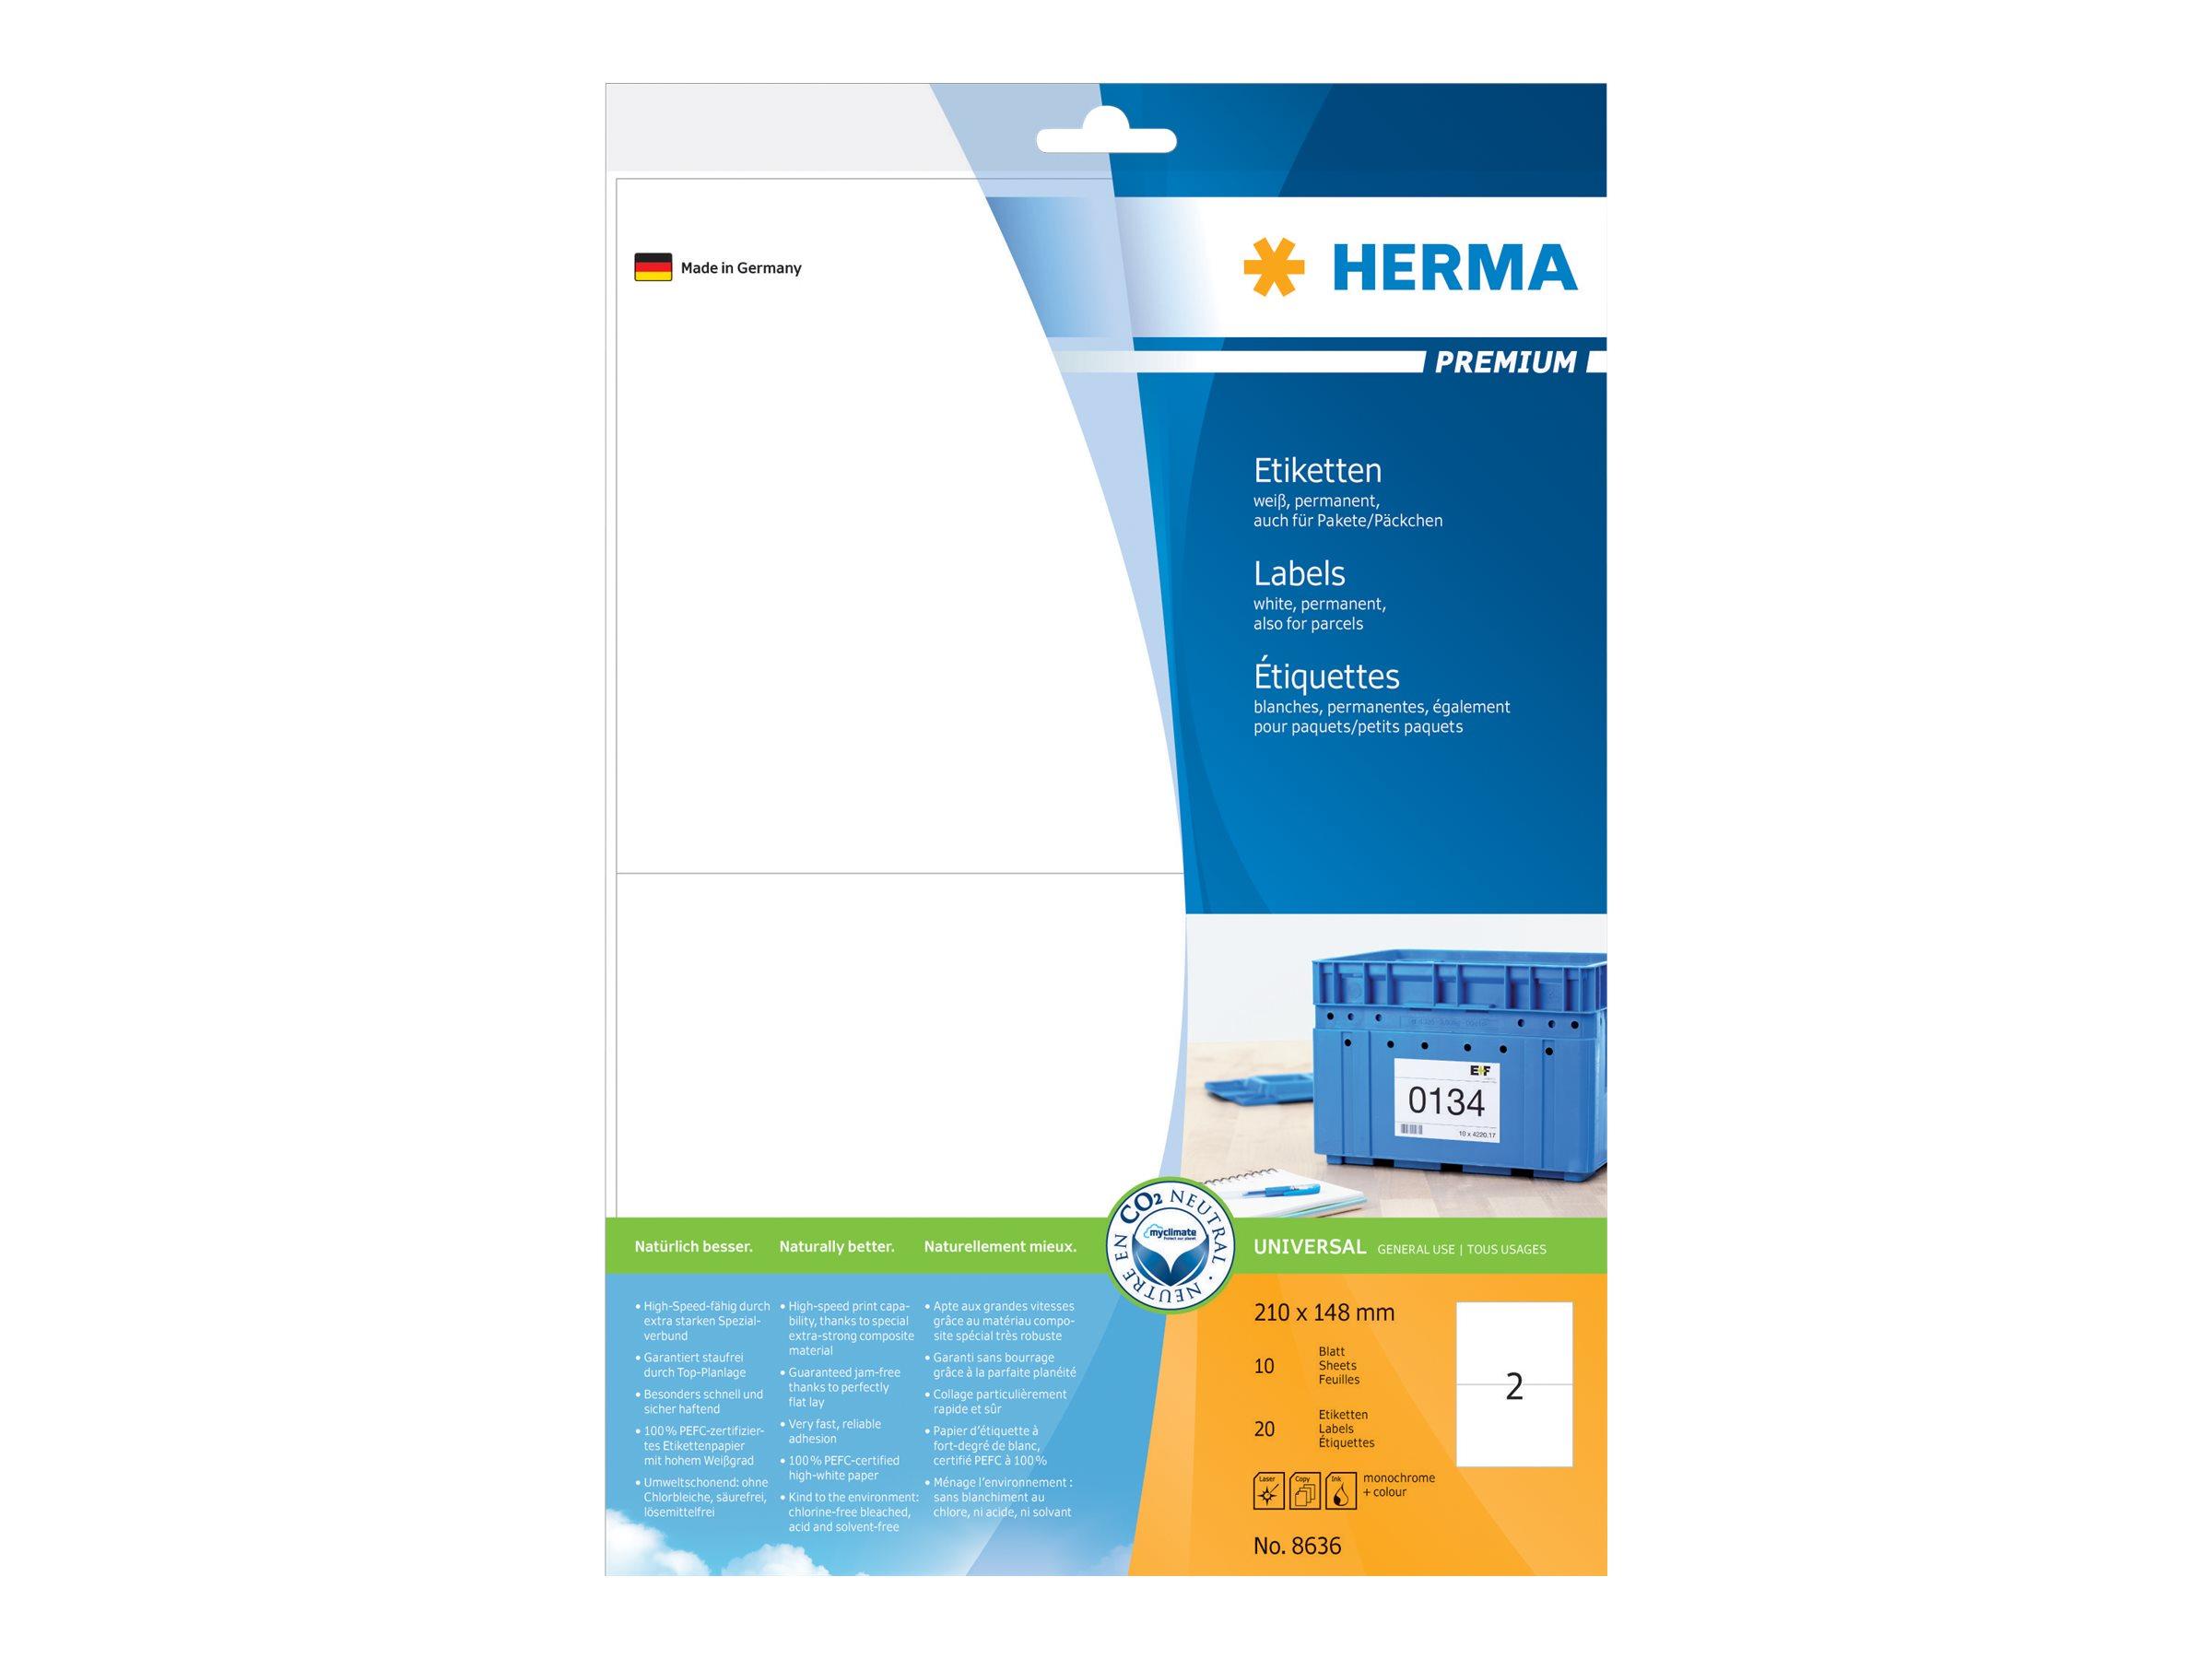 HERMA Premium - Papier - matt - permanent selbstklebend - weiß - 210 x 148 mm 20 Etikett(en) (10 Bogen x 2)